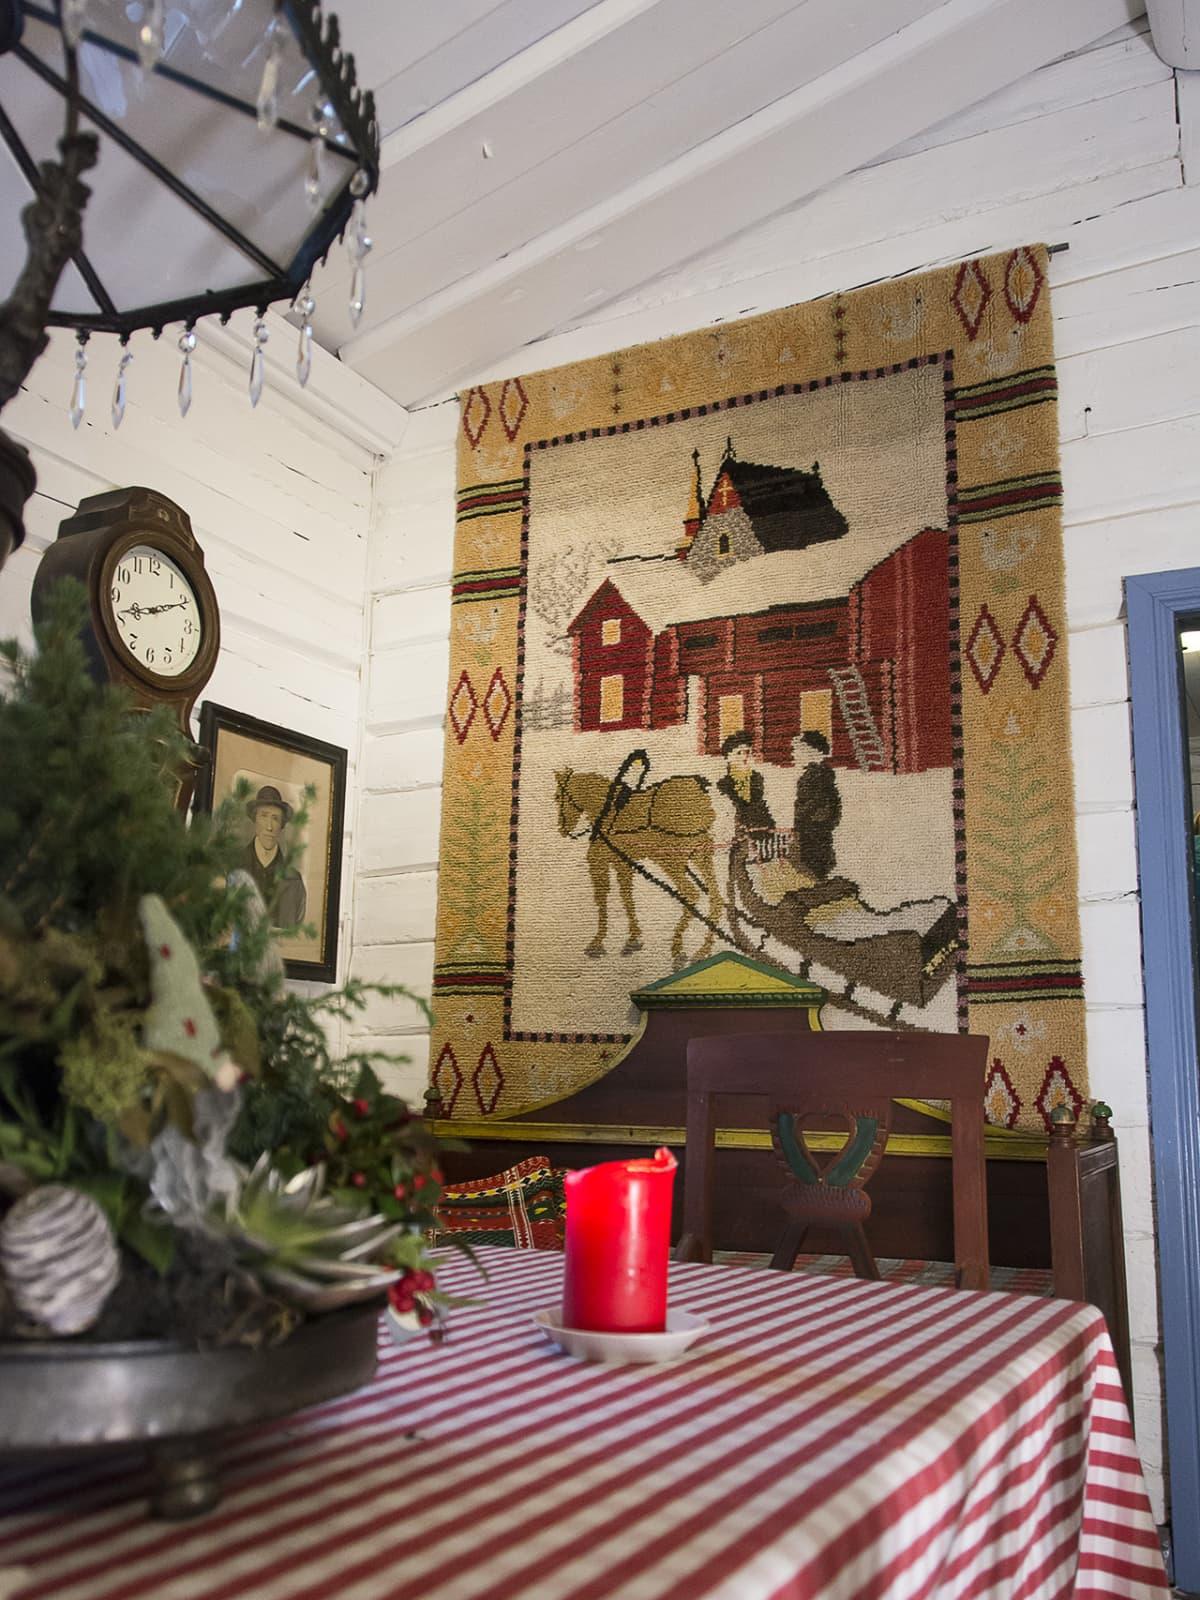 Seinällä olevan ryijy, jossa kuva kahdesta henkilöstä hevosreen kanssa lumisessa maisemassa.